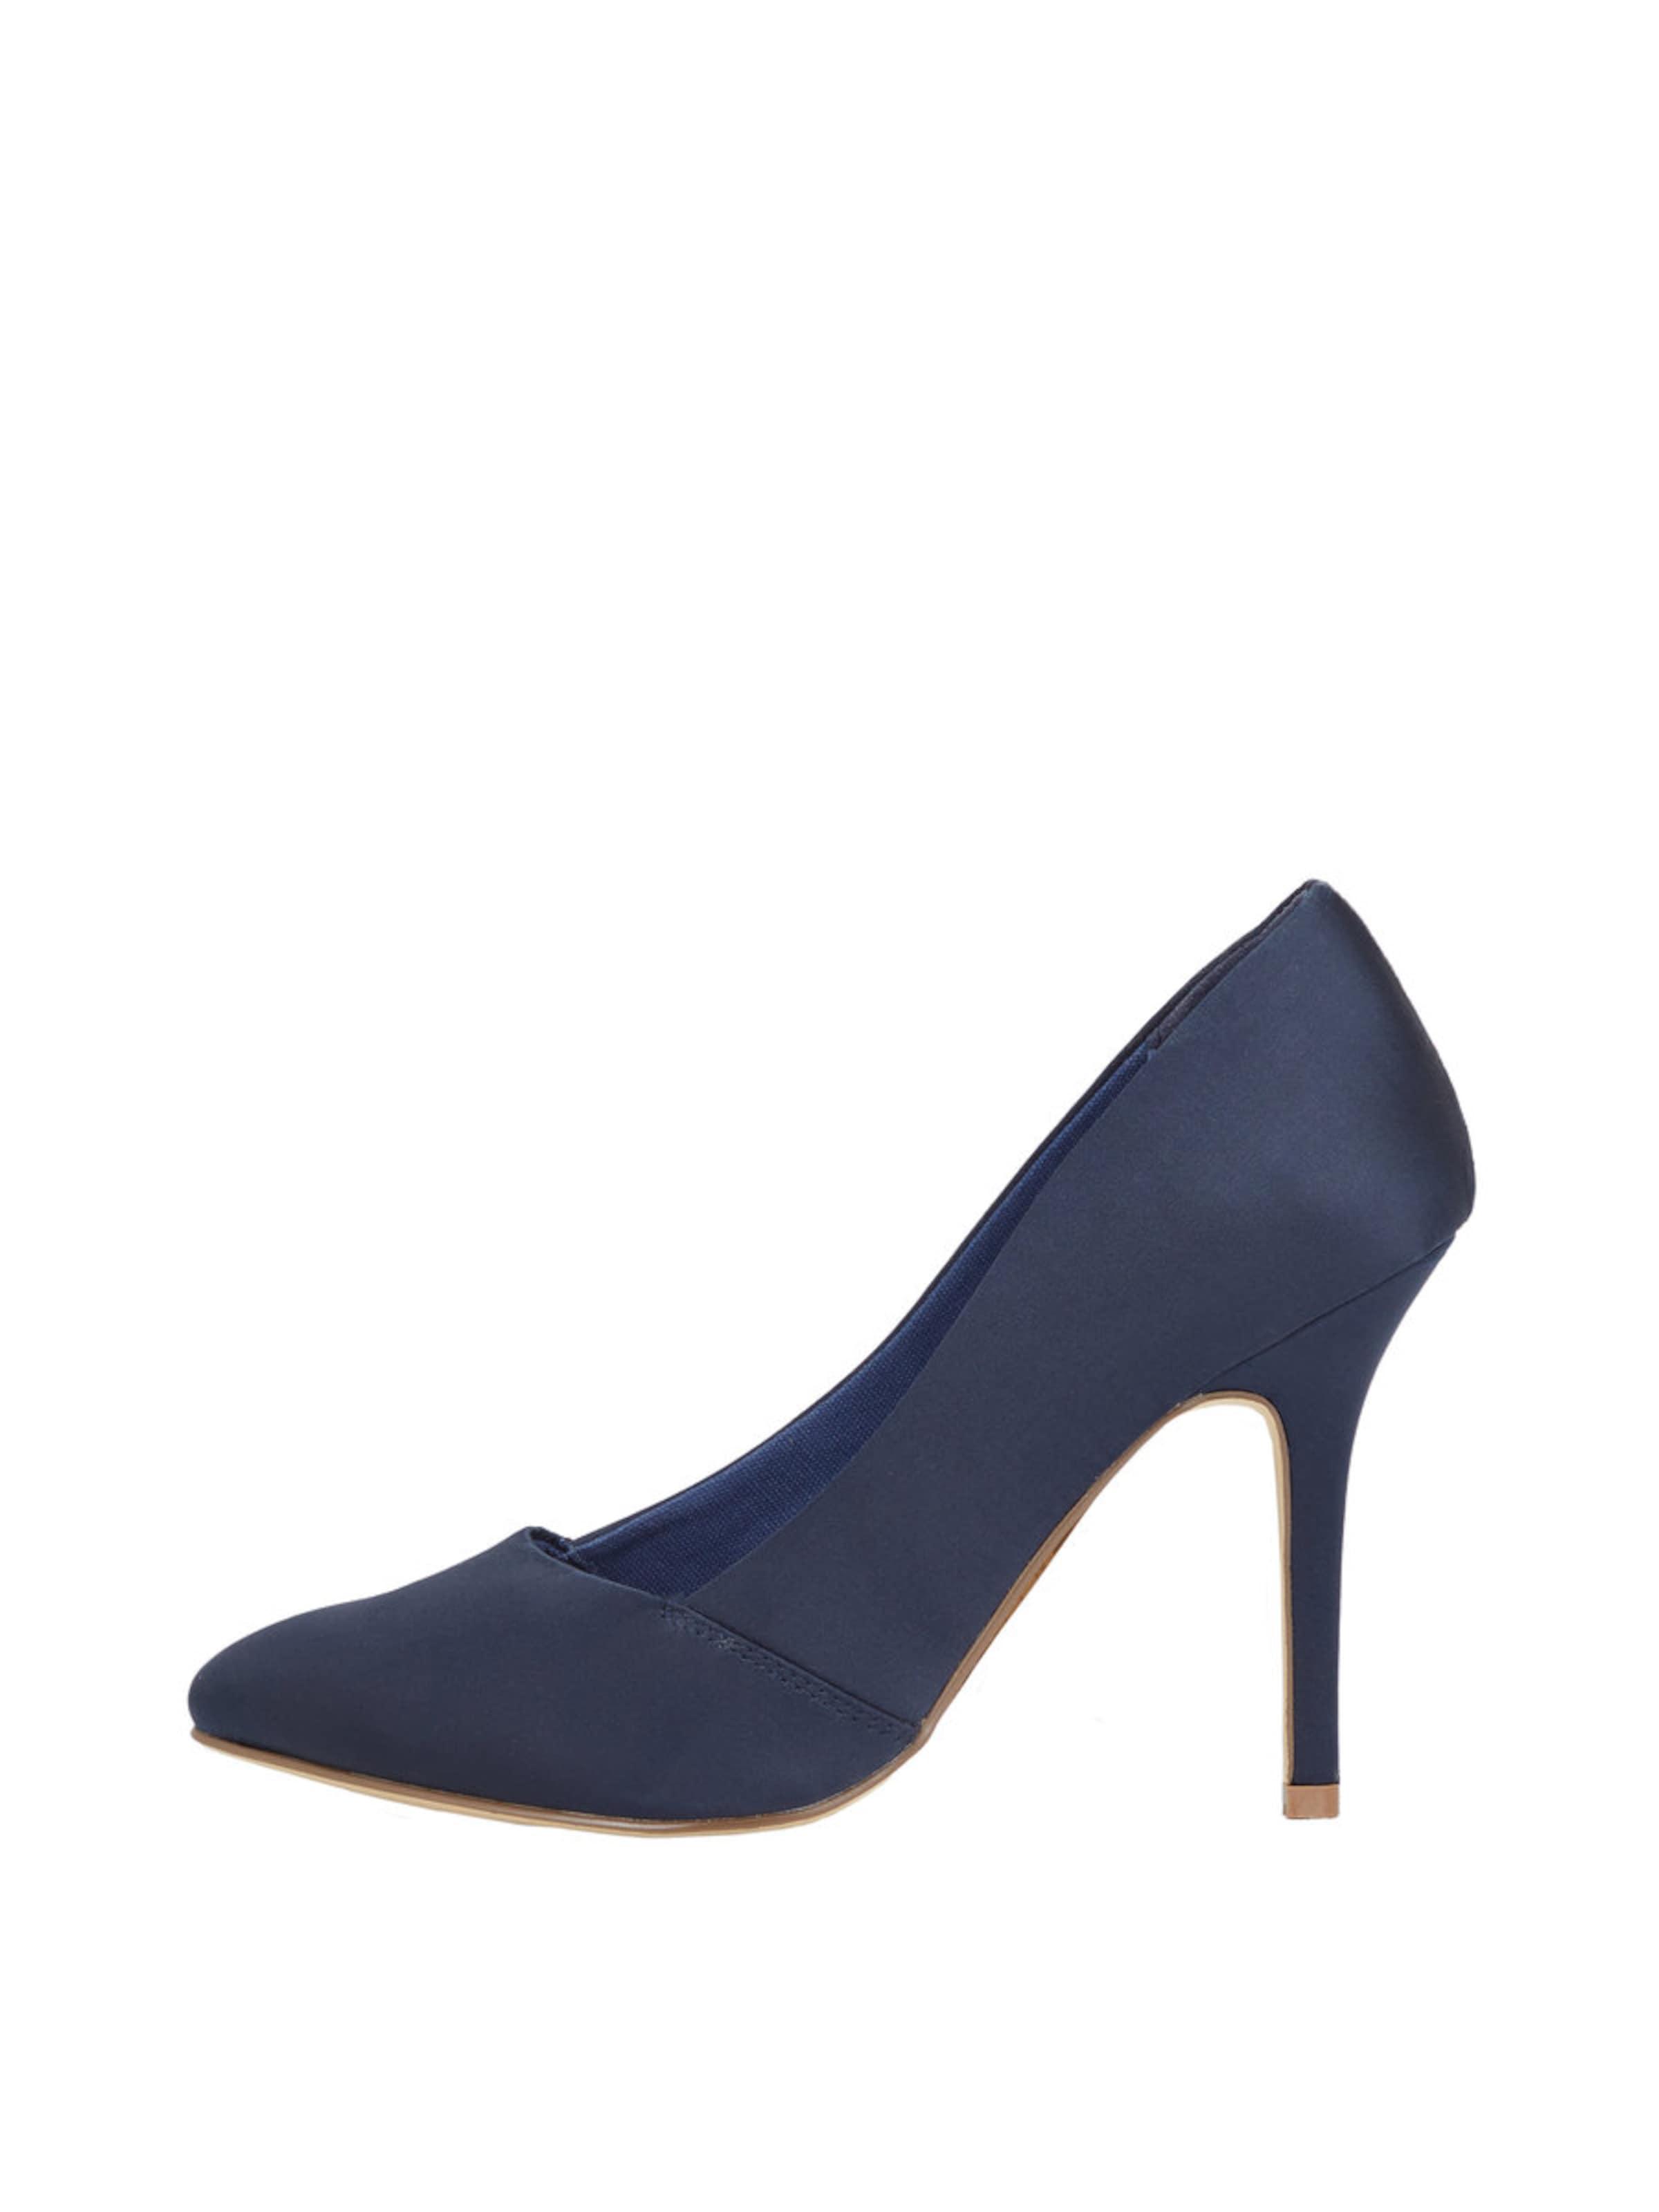 Bianco Slip-on Pumps Verschleißfeste billige Schuhe